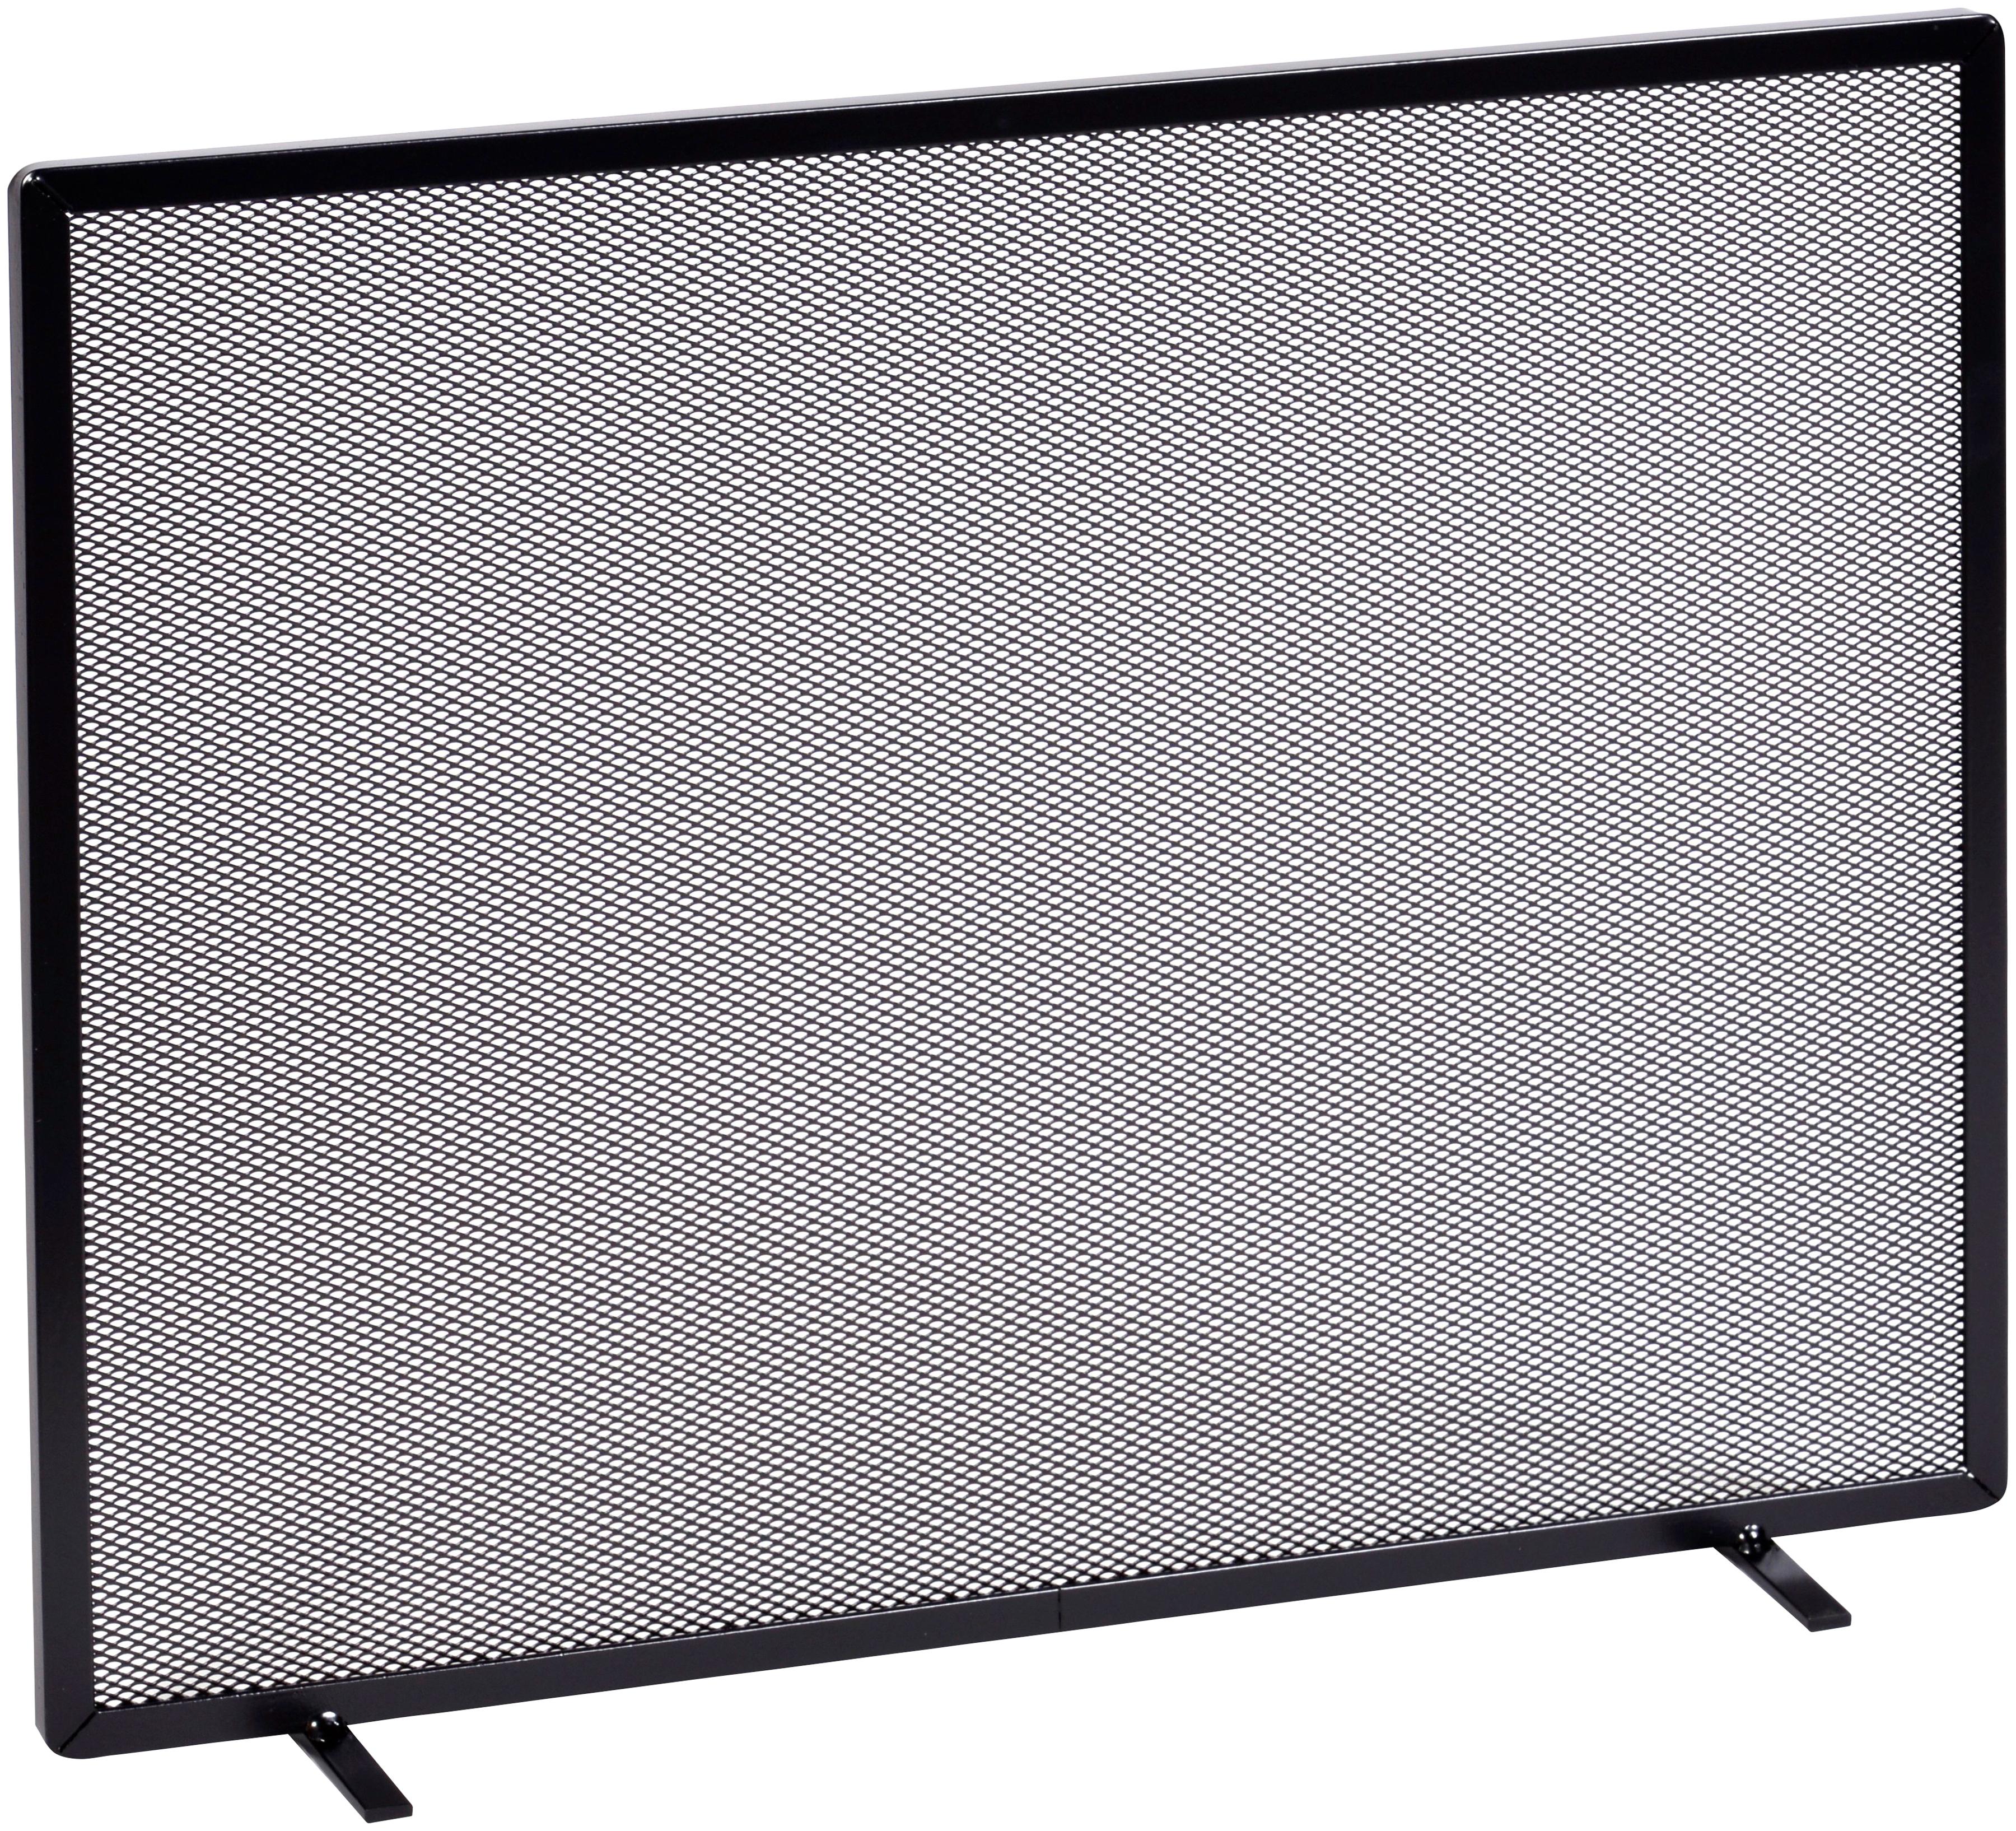 Firefix Funkenschutzgitter, mit Gittergeflecht, 65 x 52 cm schwarz Funkenschutzgitter Kamin Öfenzubehör Heizen Klima